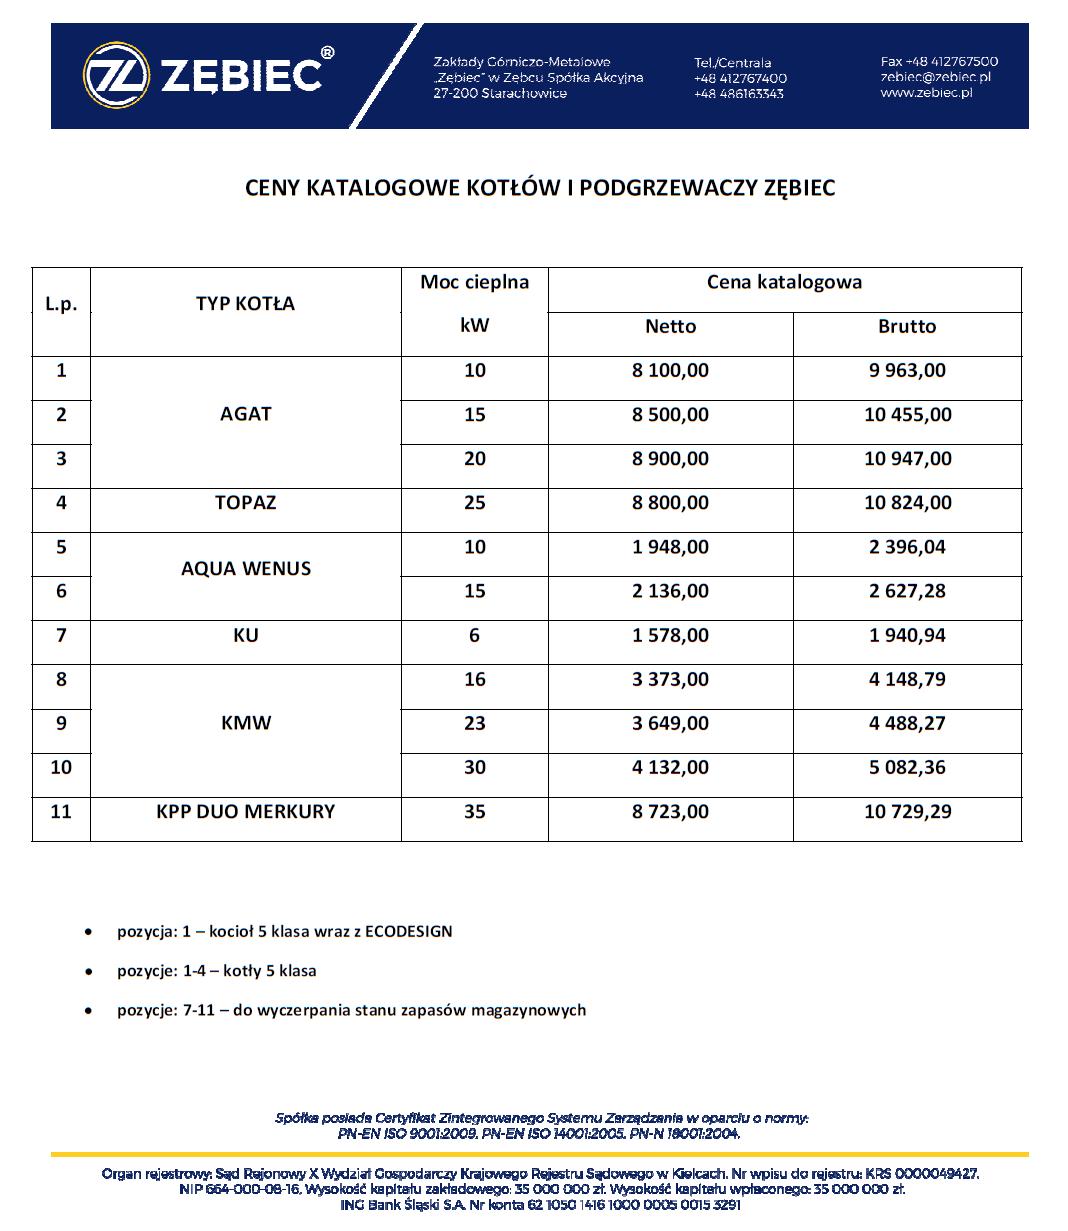 Wykaz cen katalogowych dla kotłów Zębiec